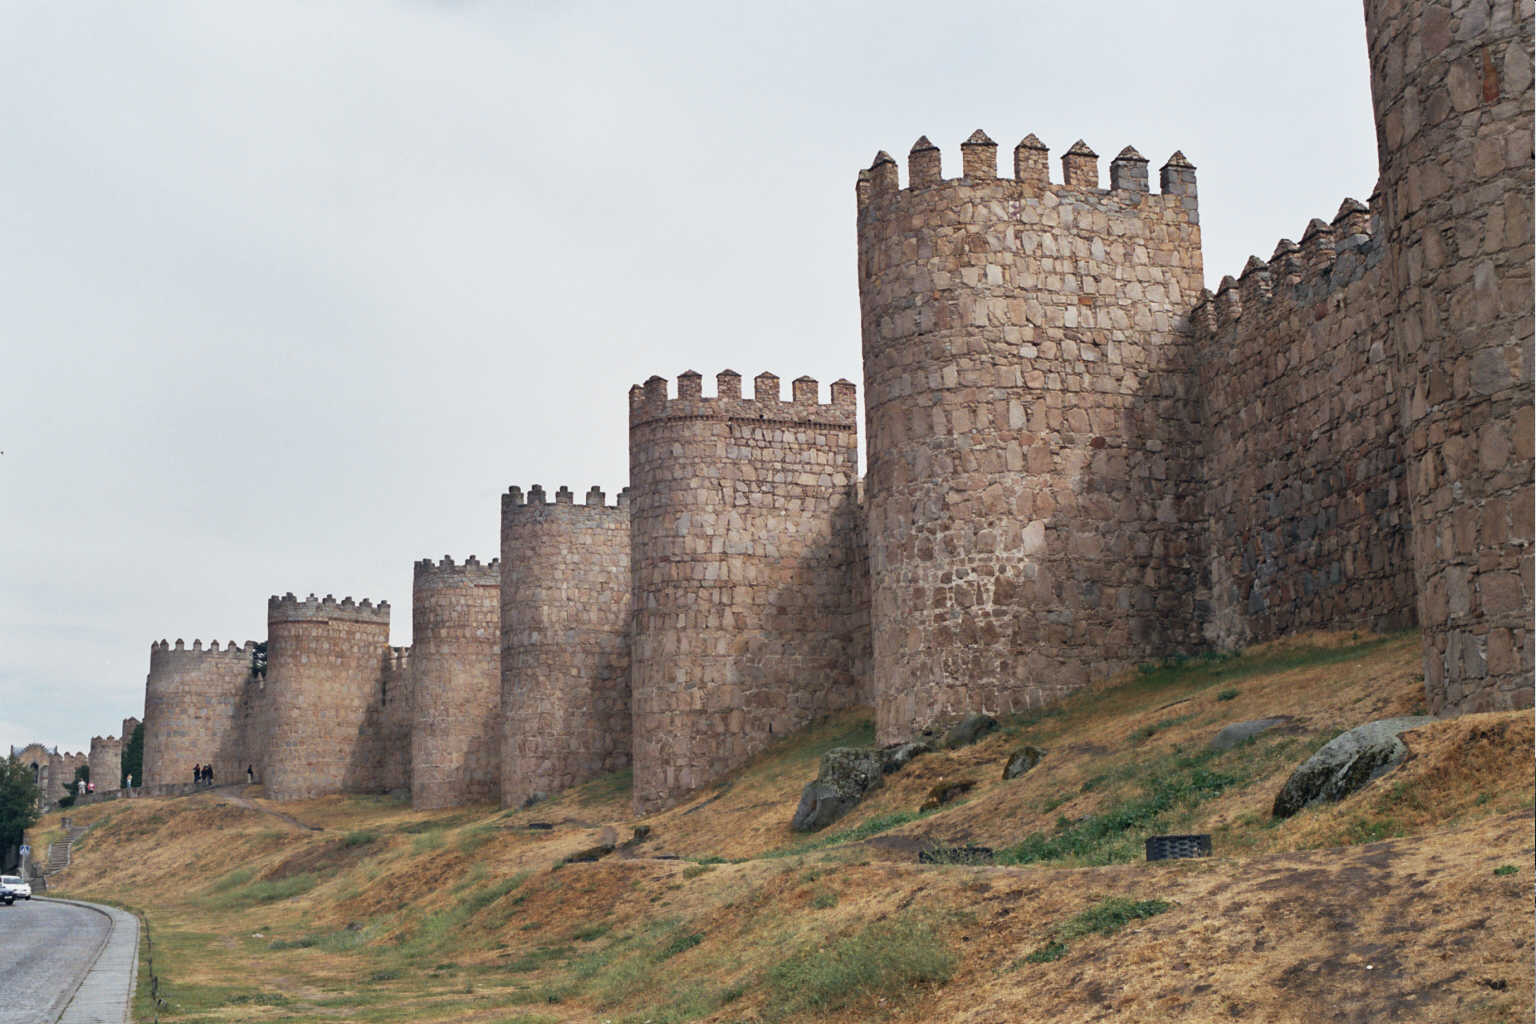 El turismo en Castilla y León, también en lectura fácil